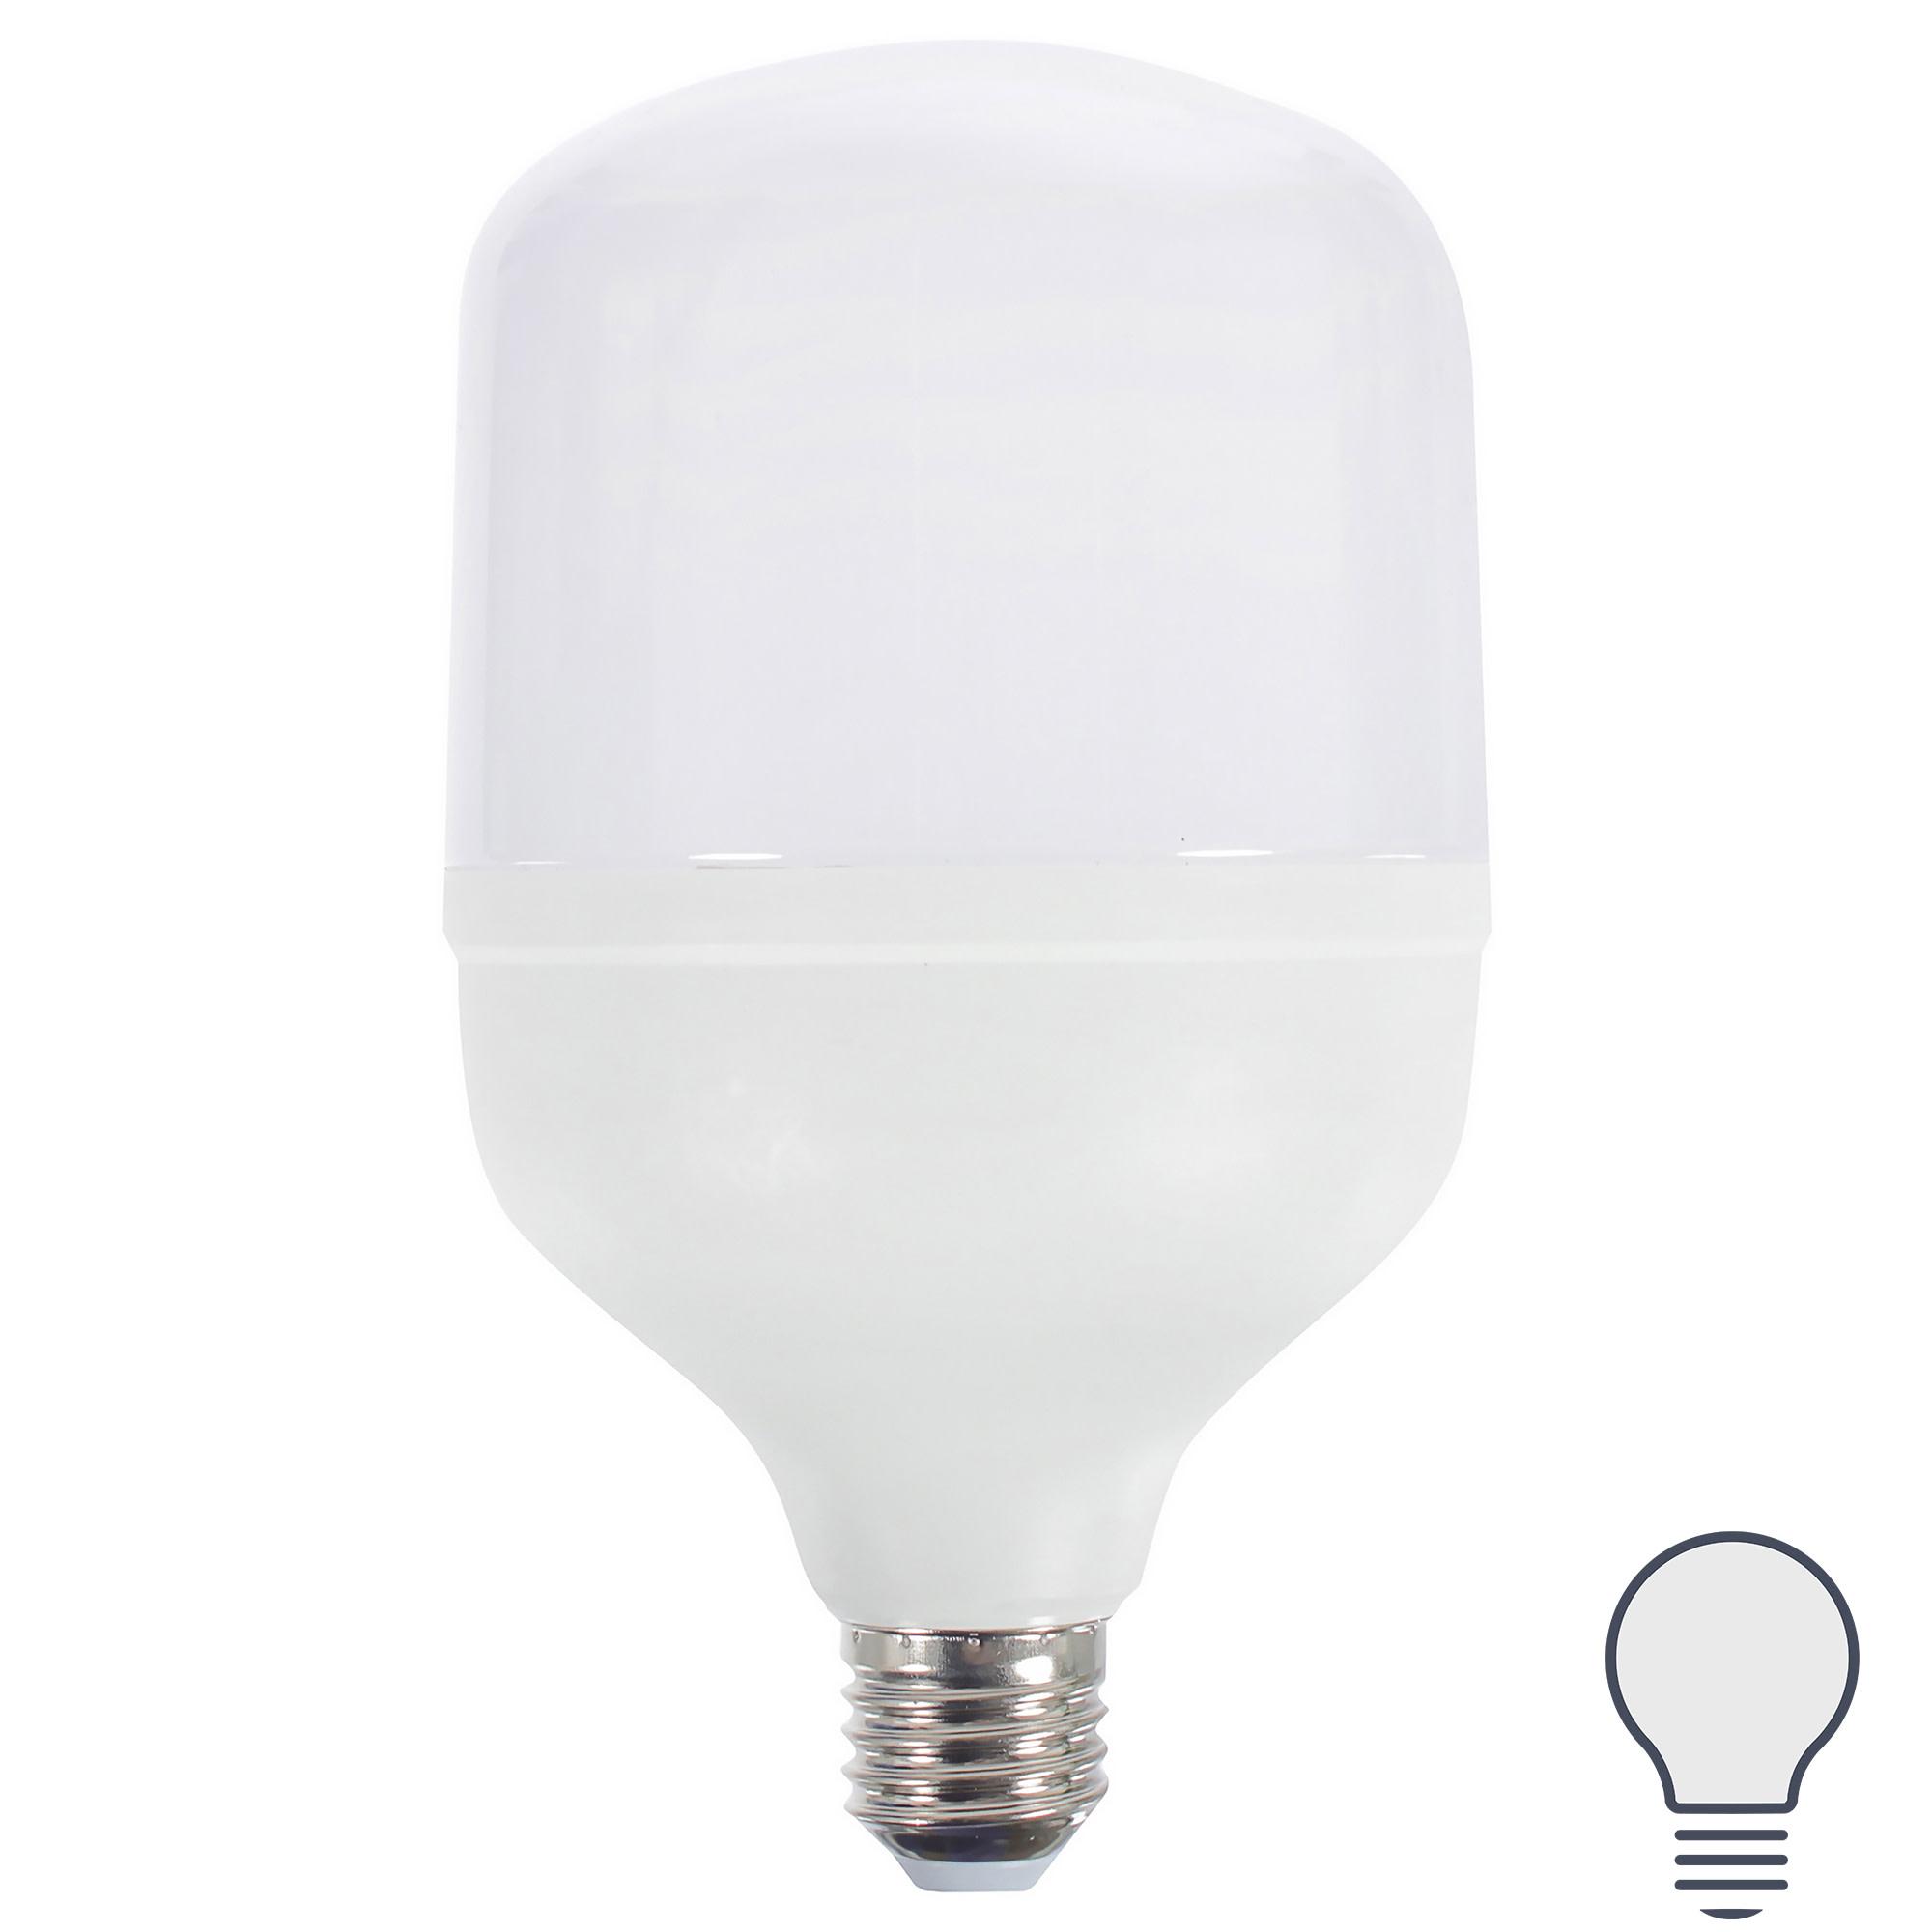 Лампа светодиодная Volpe Е27 25 Вт 2000 Лм свет холодный белый